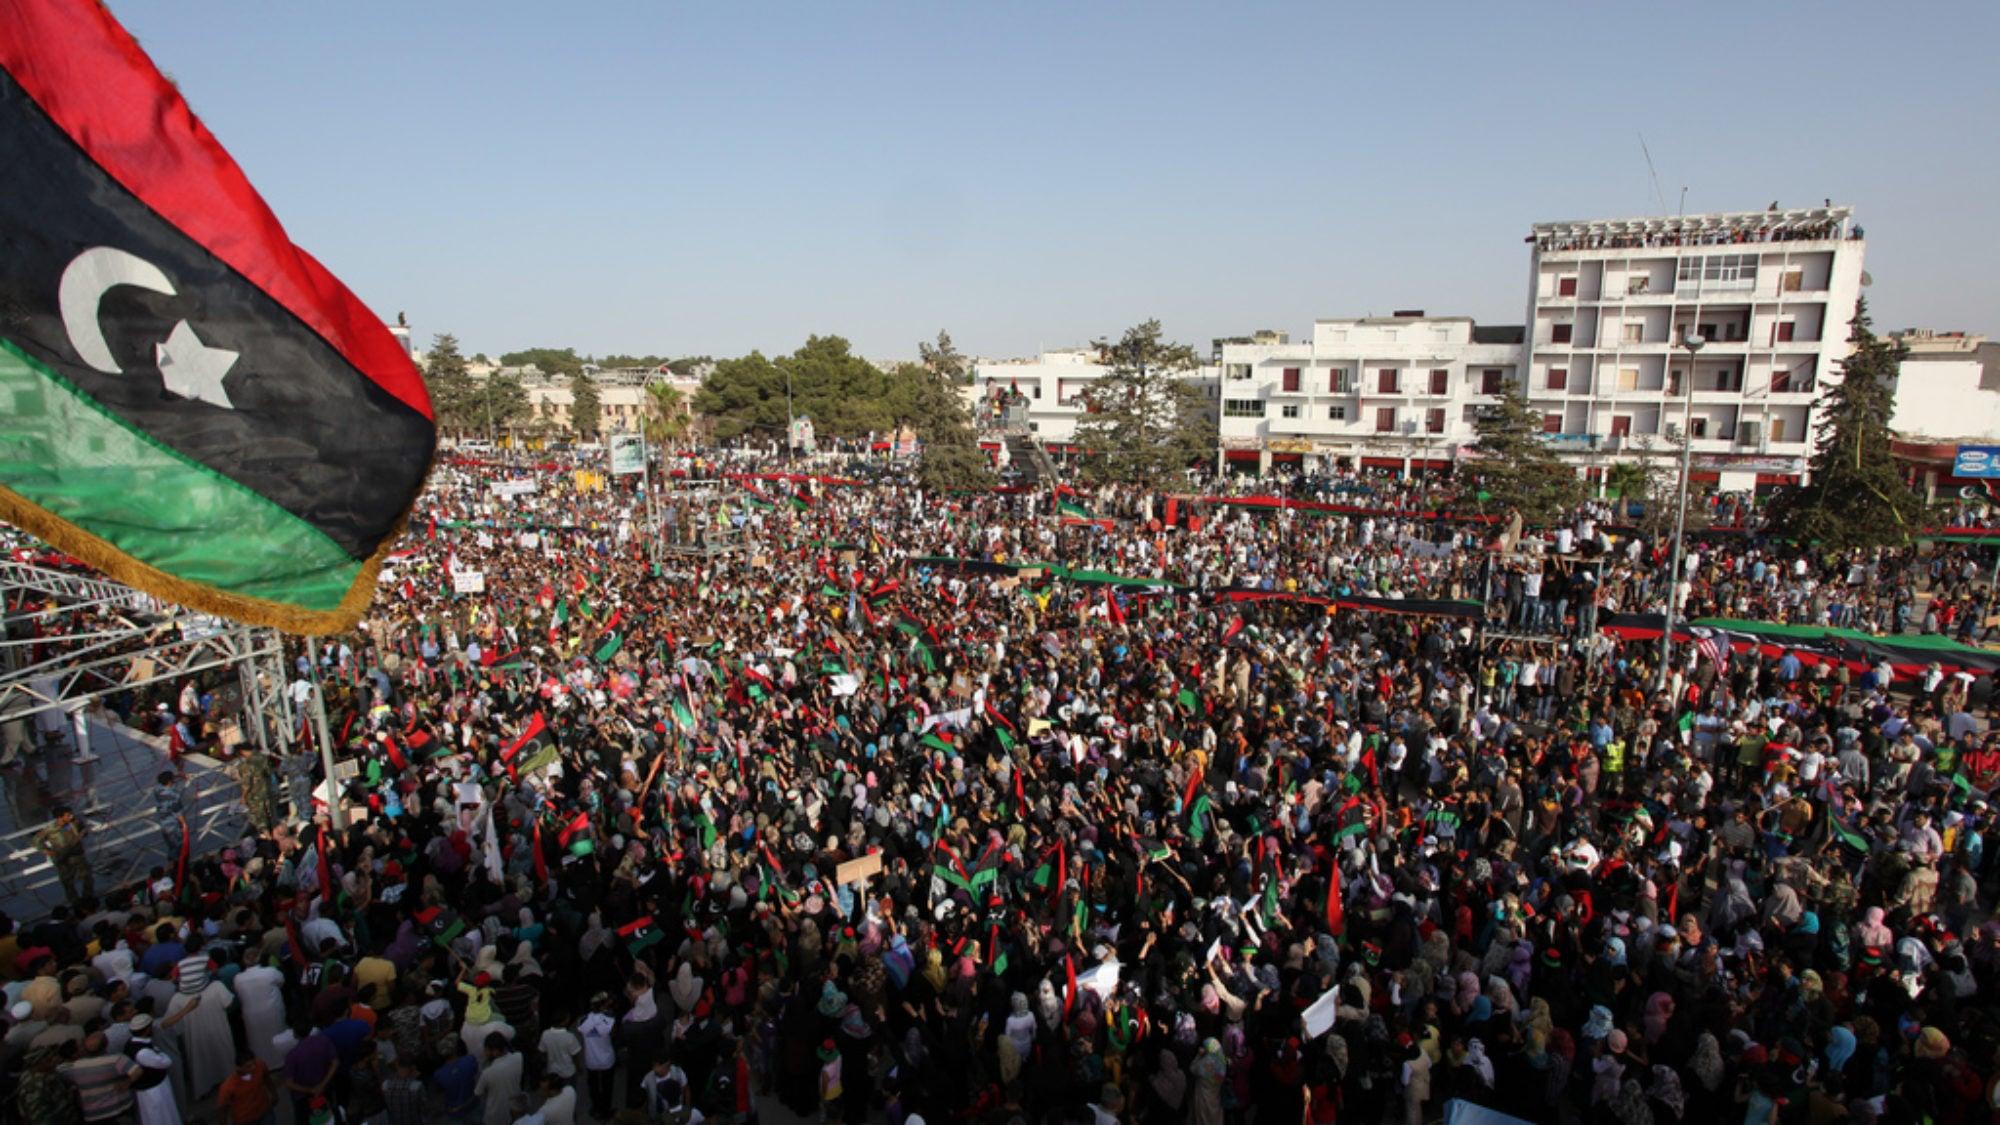 Demonstration in Libya